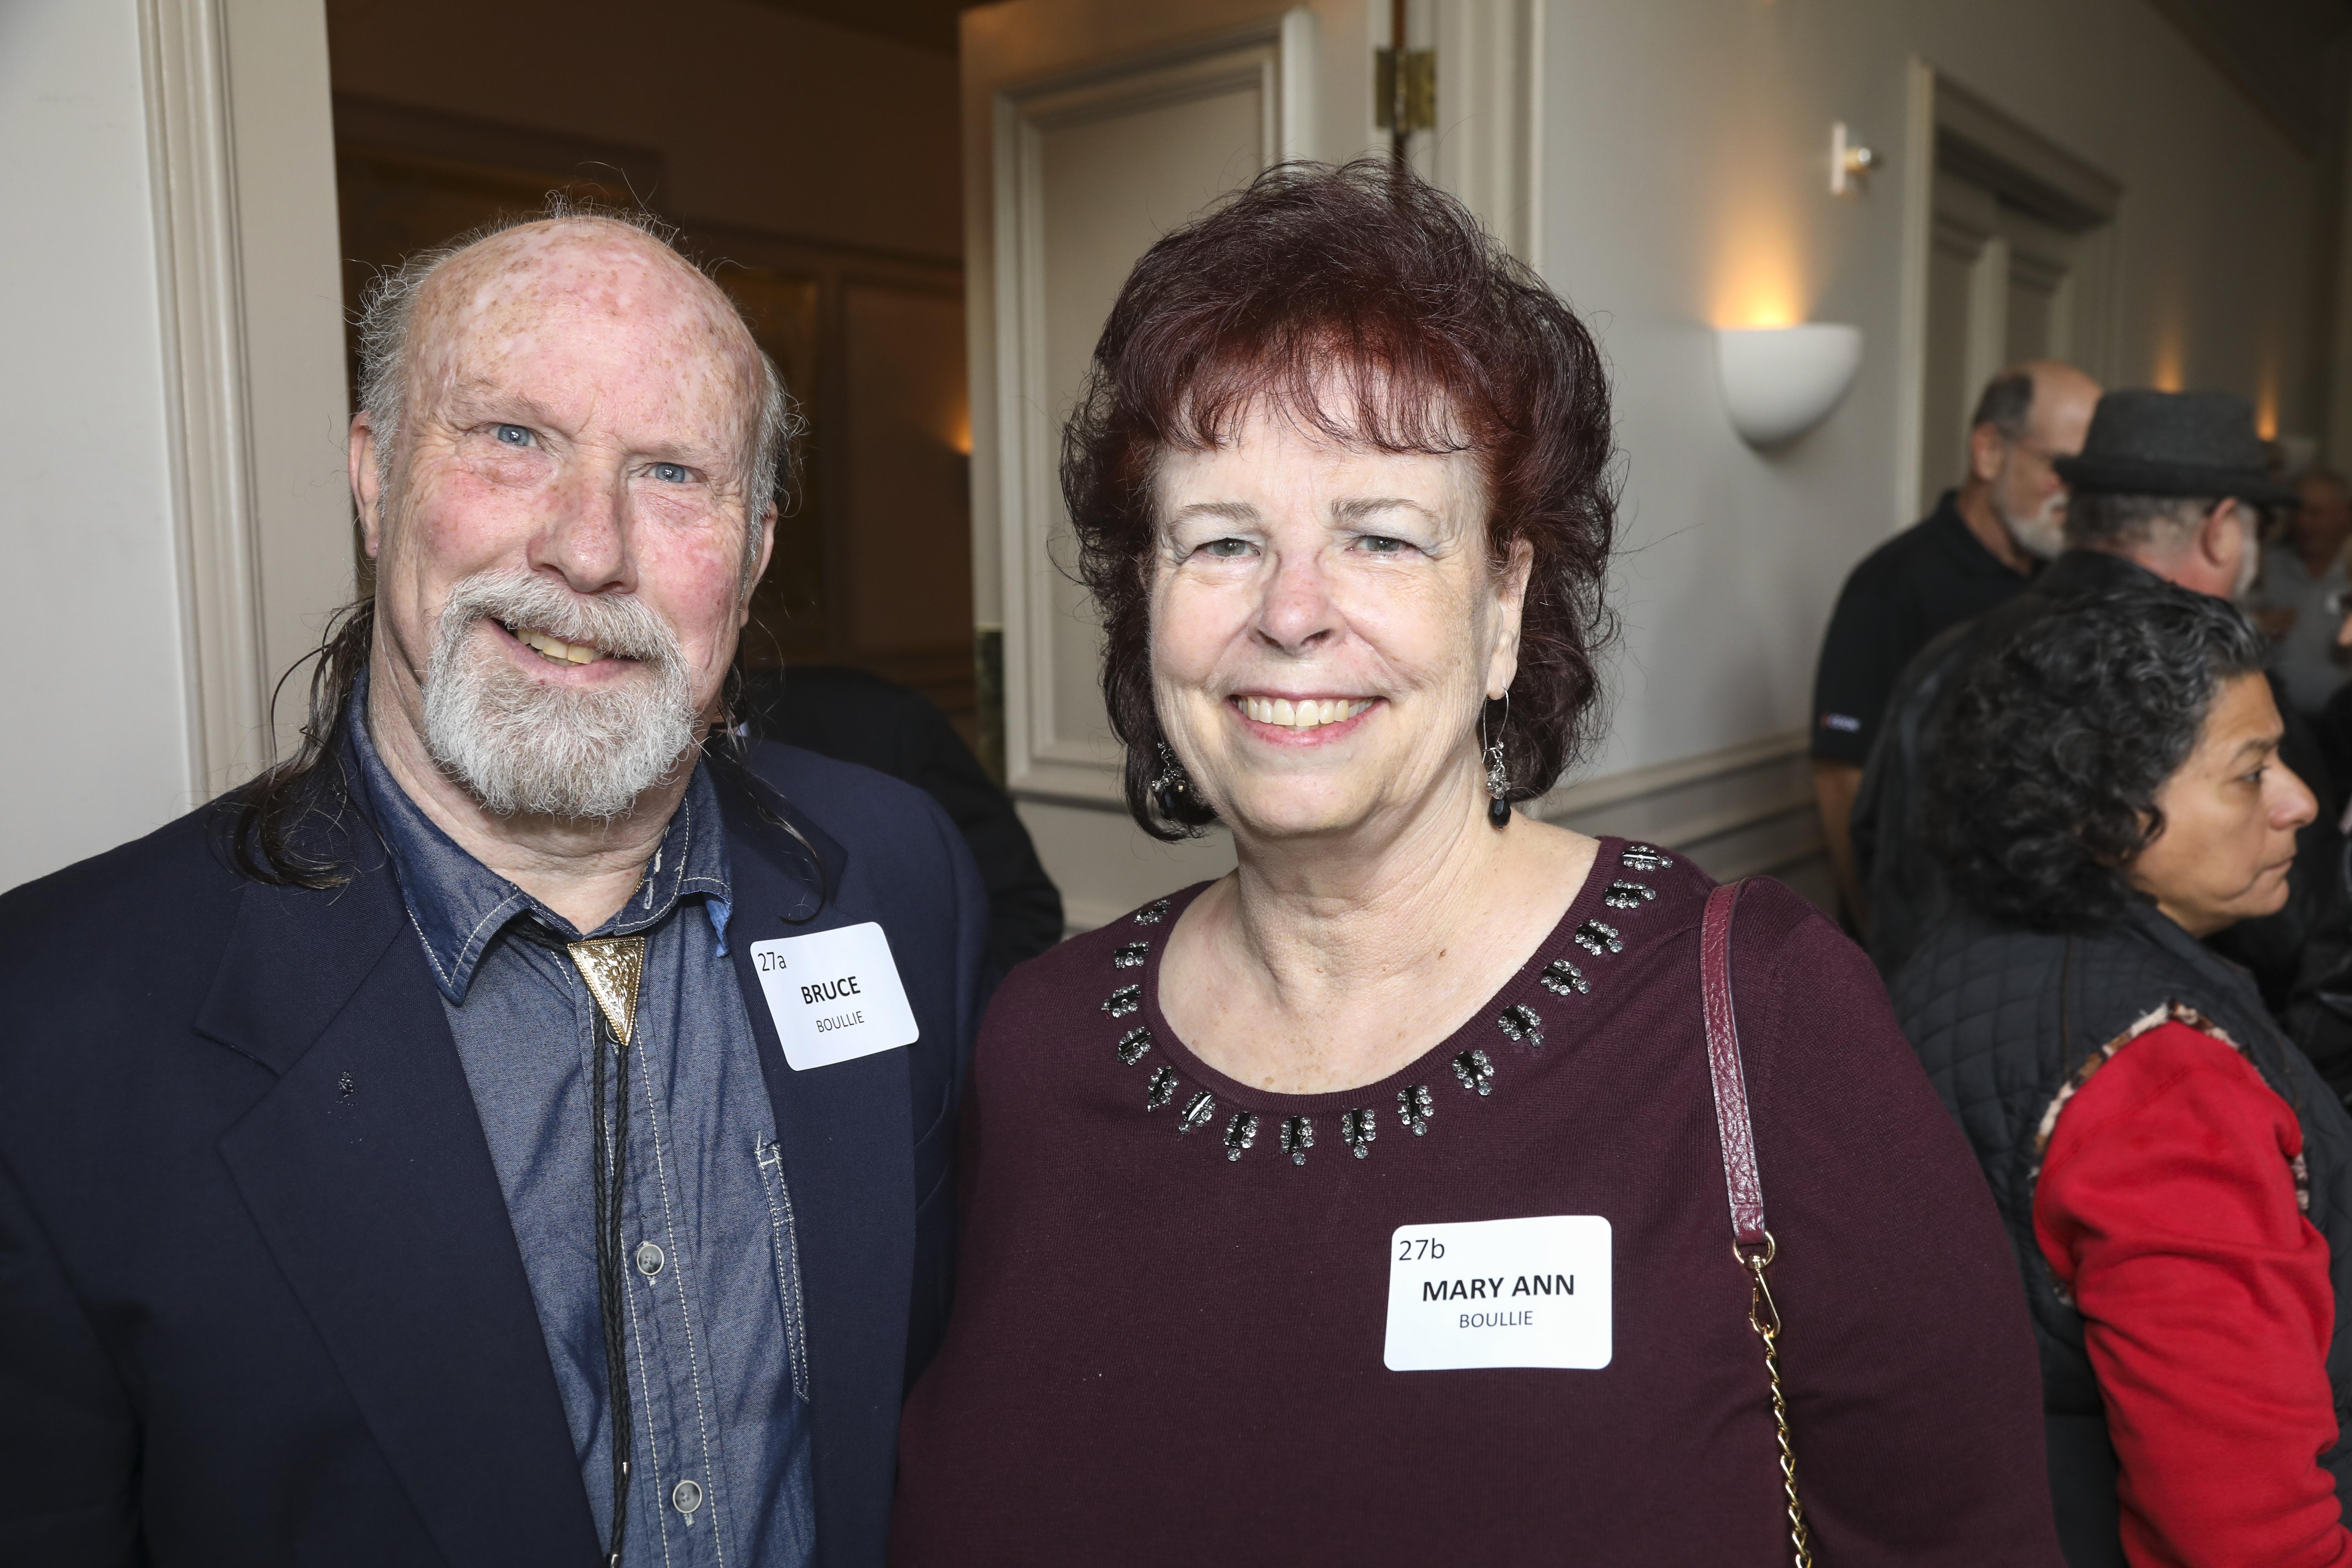 Bruce Boullie, Mary Ann Boullie